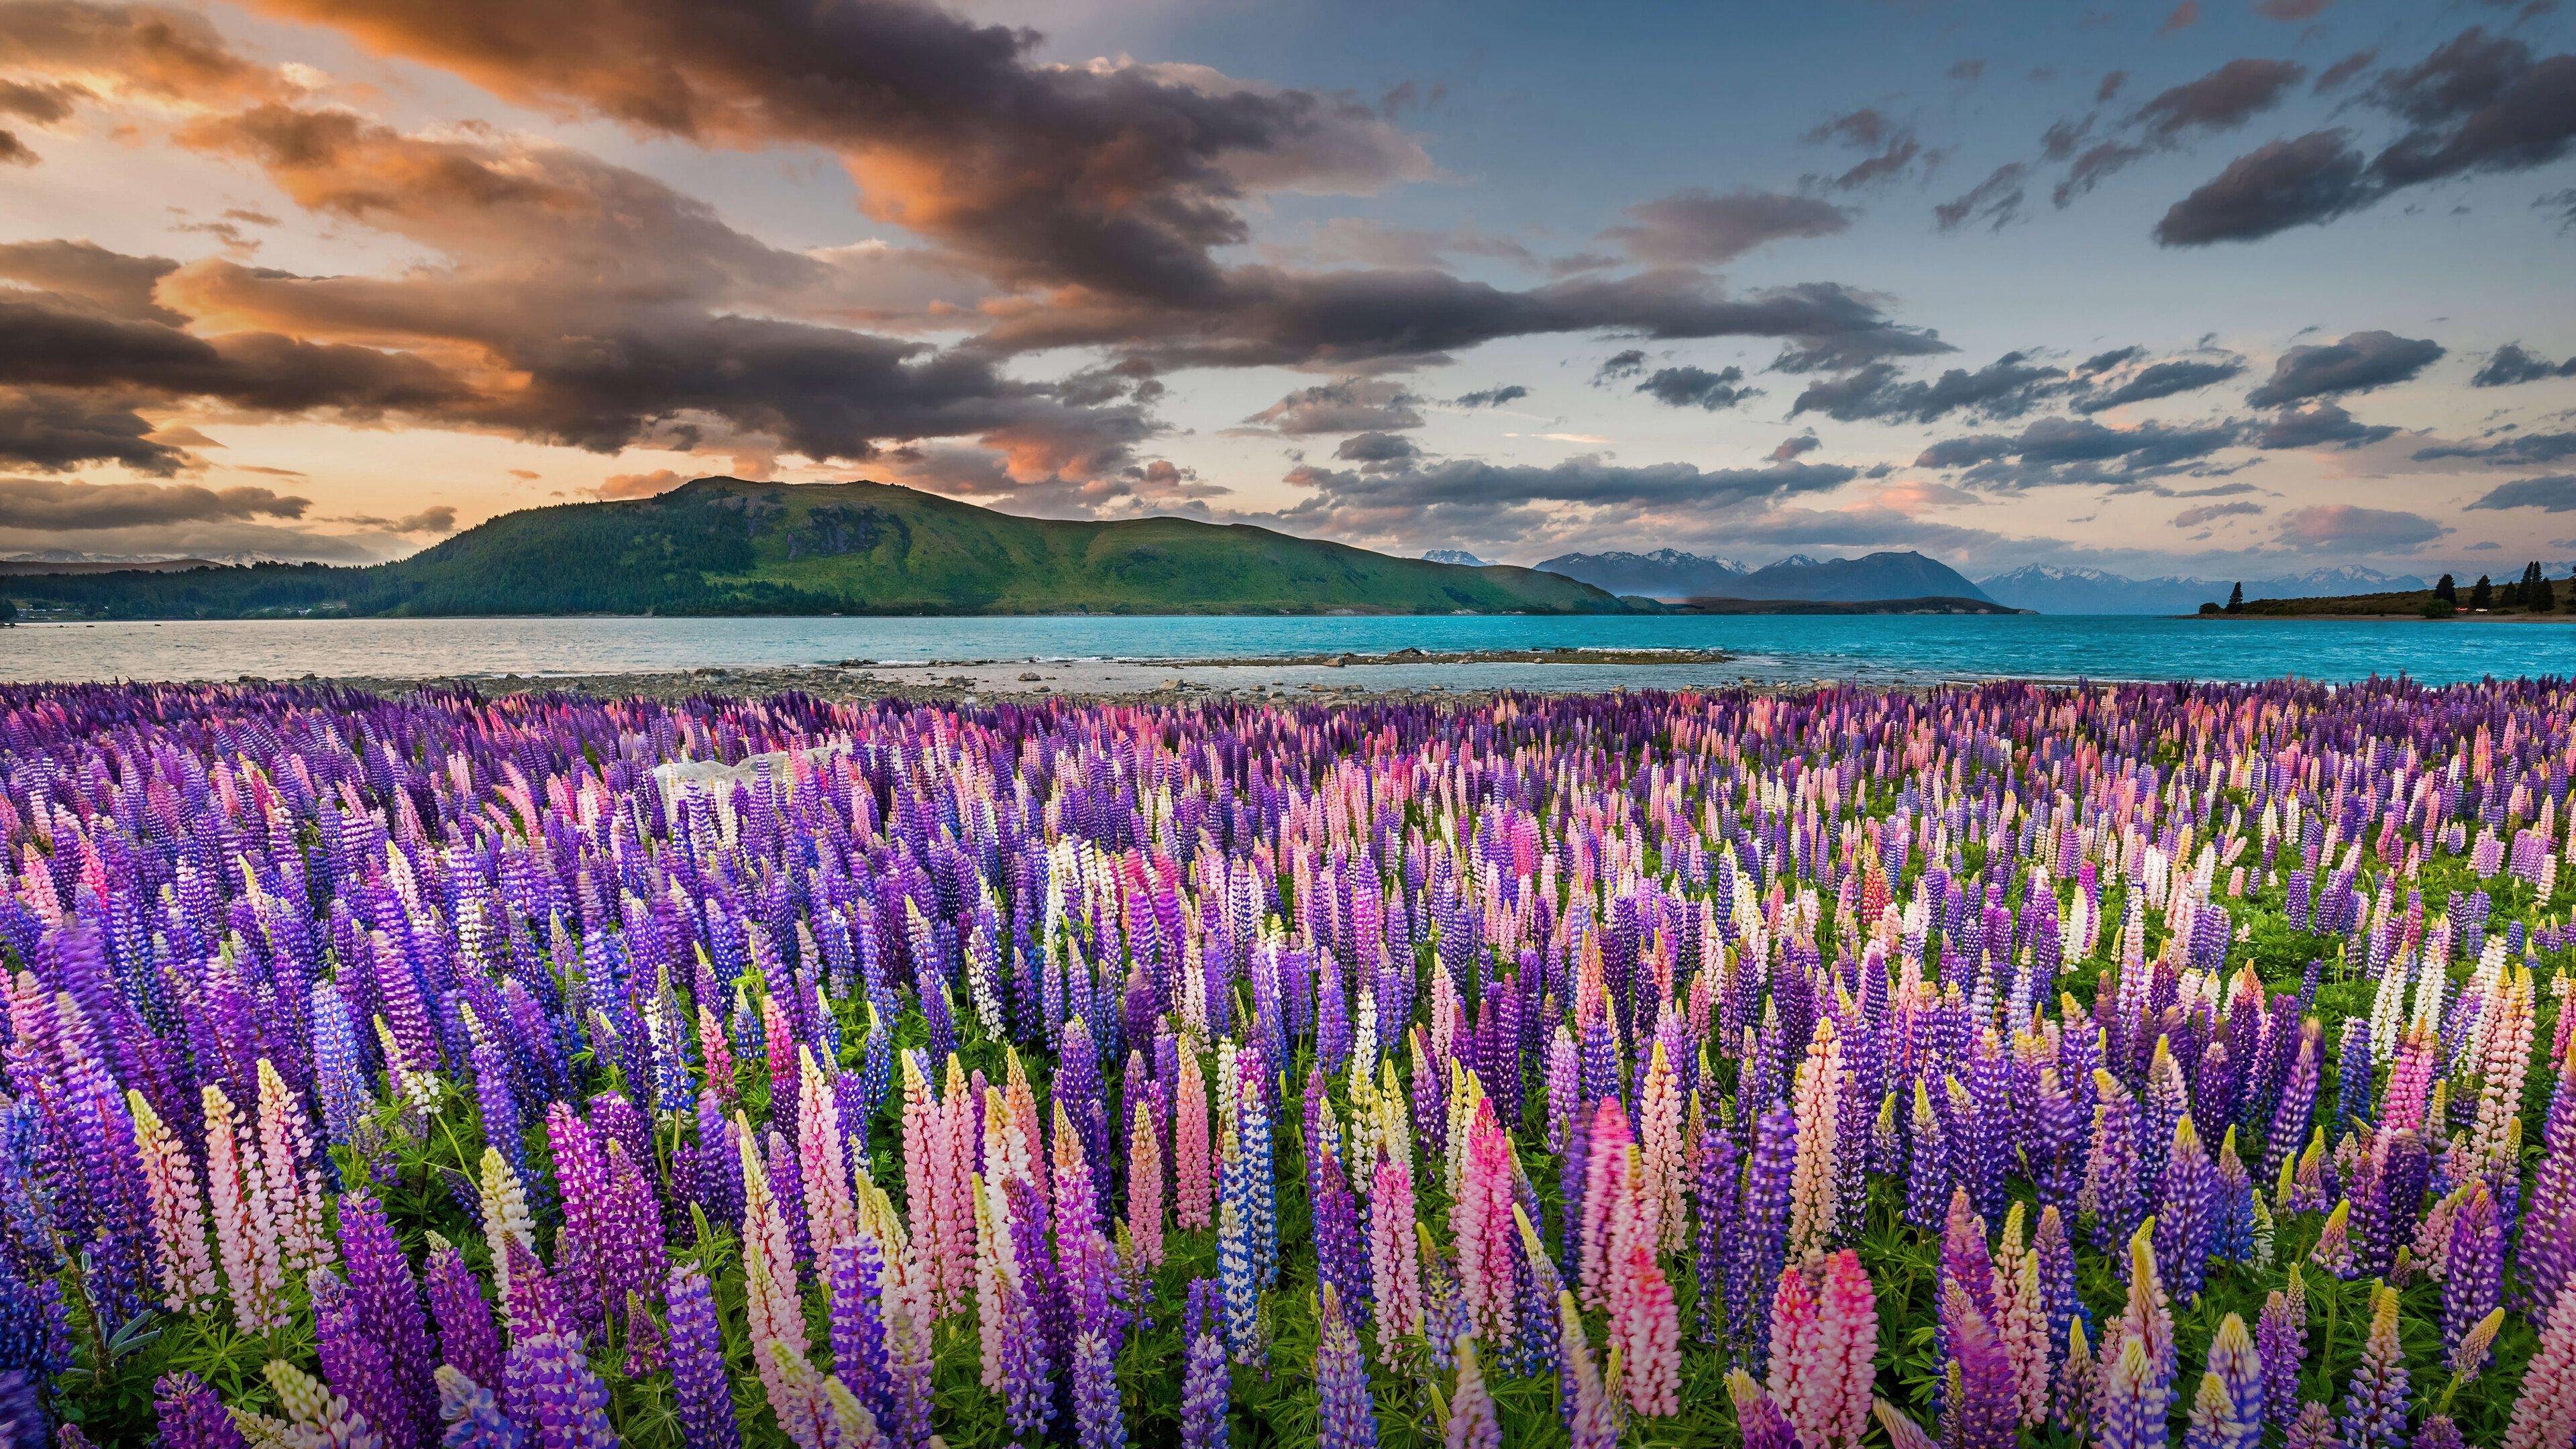 Wallpaper Lavander field at sunlight in New Zeland